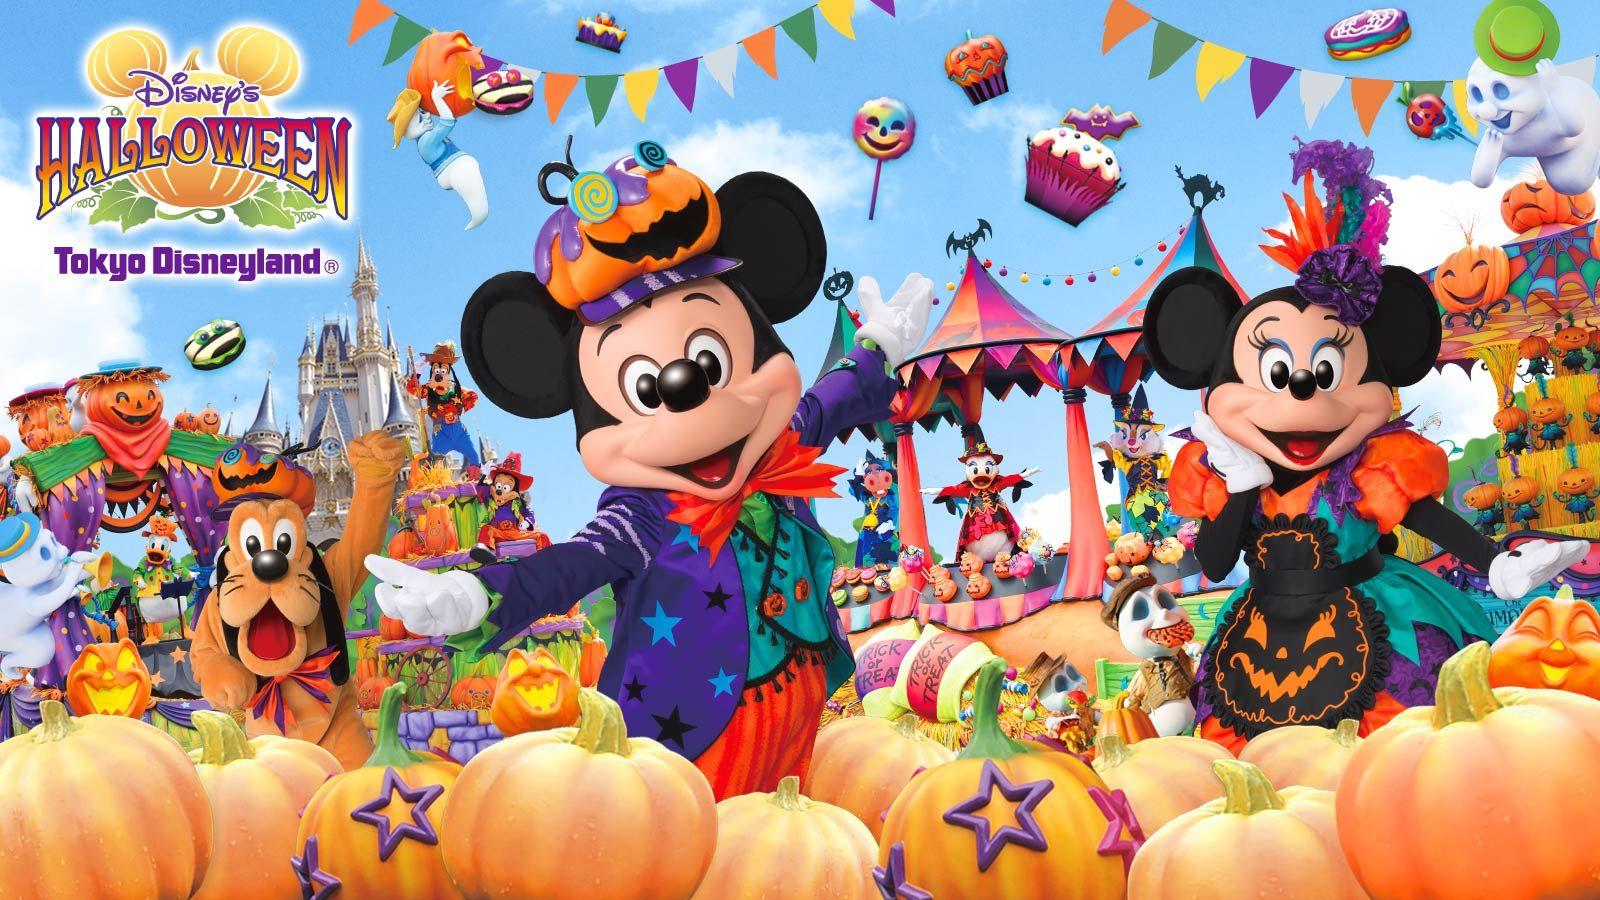 公式 東京ディズニーランド 東京ディズニーリゾート ディズニーリゾート 東京ディズニーリゾート ディズニーランド